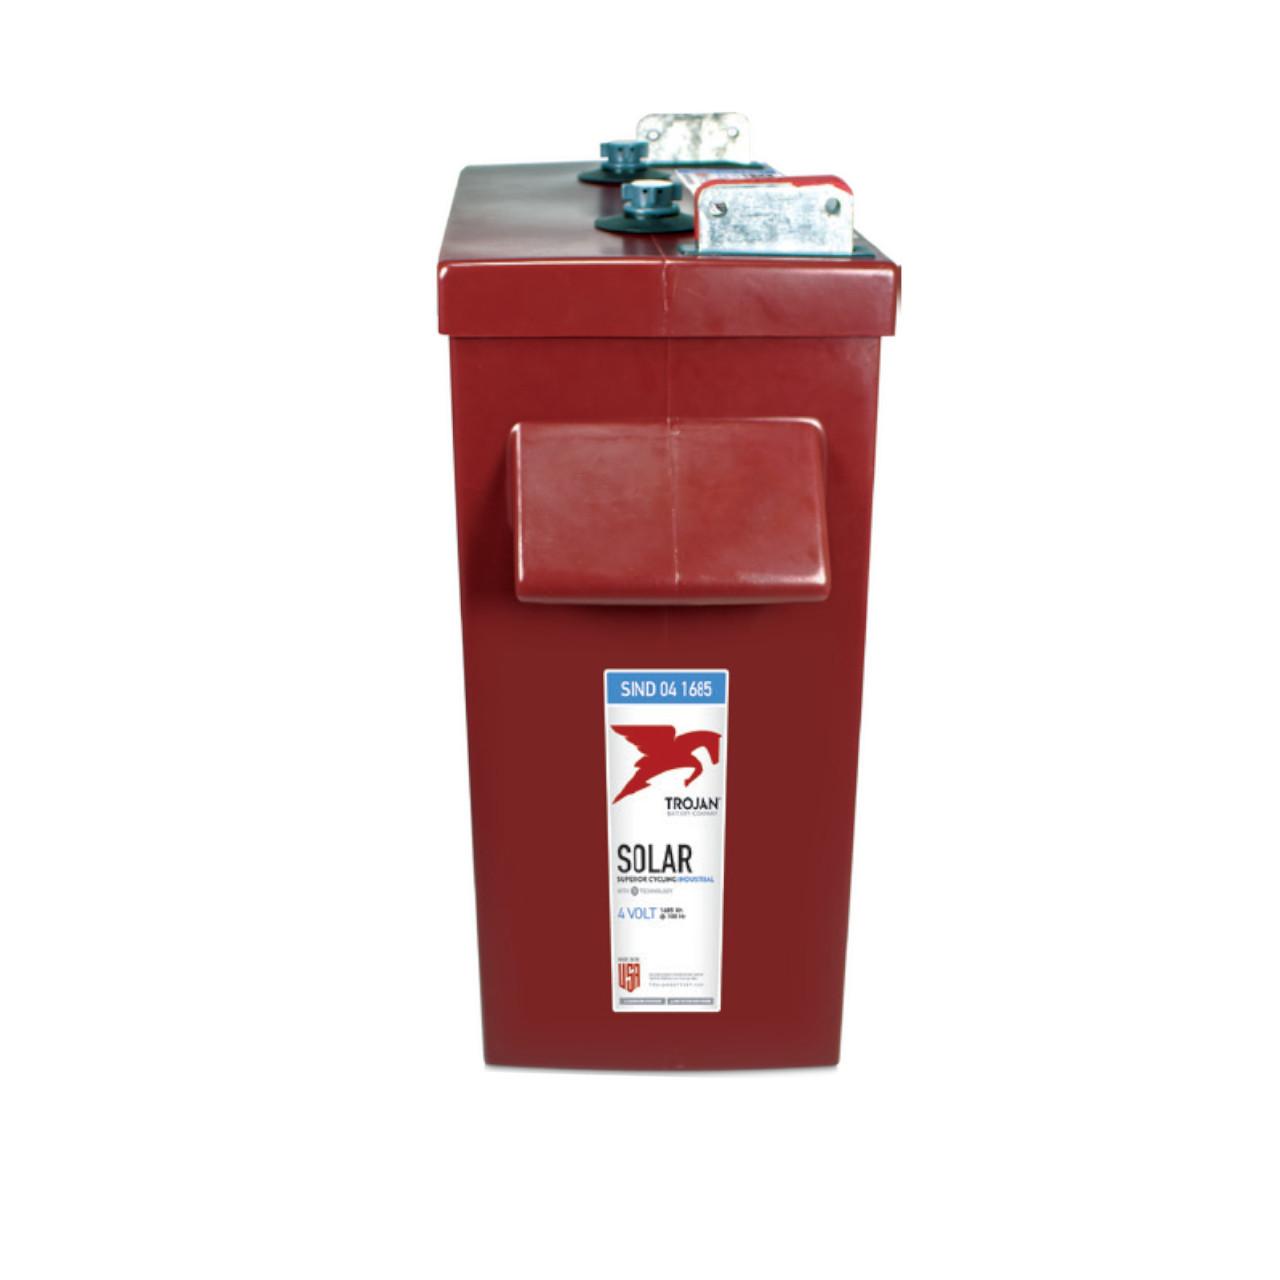 Trojan Battery -  SIND04-1685